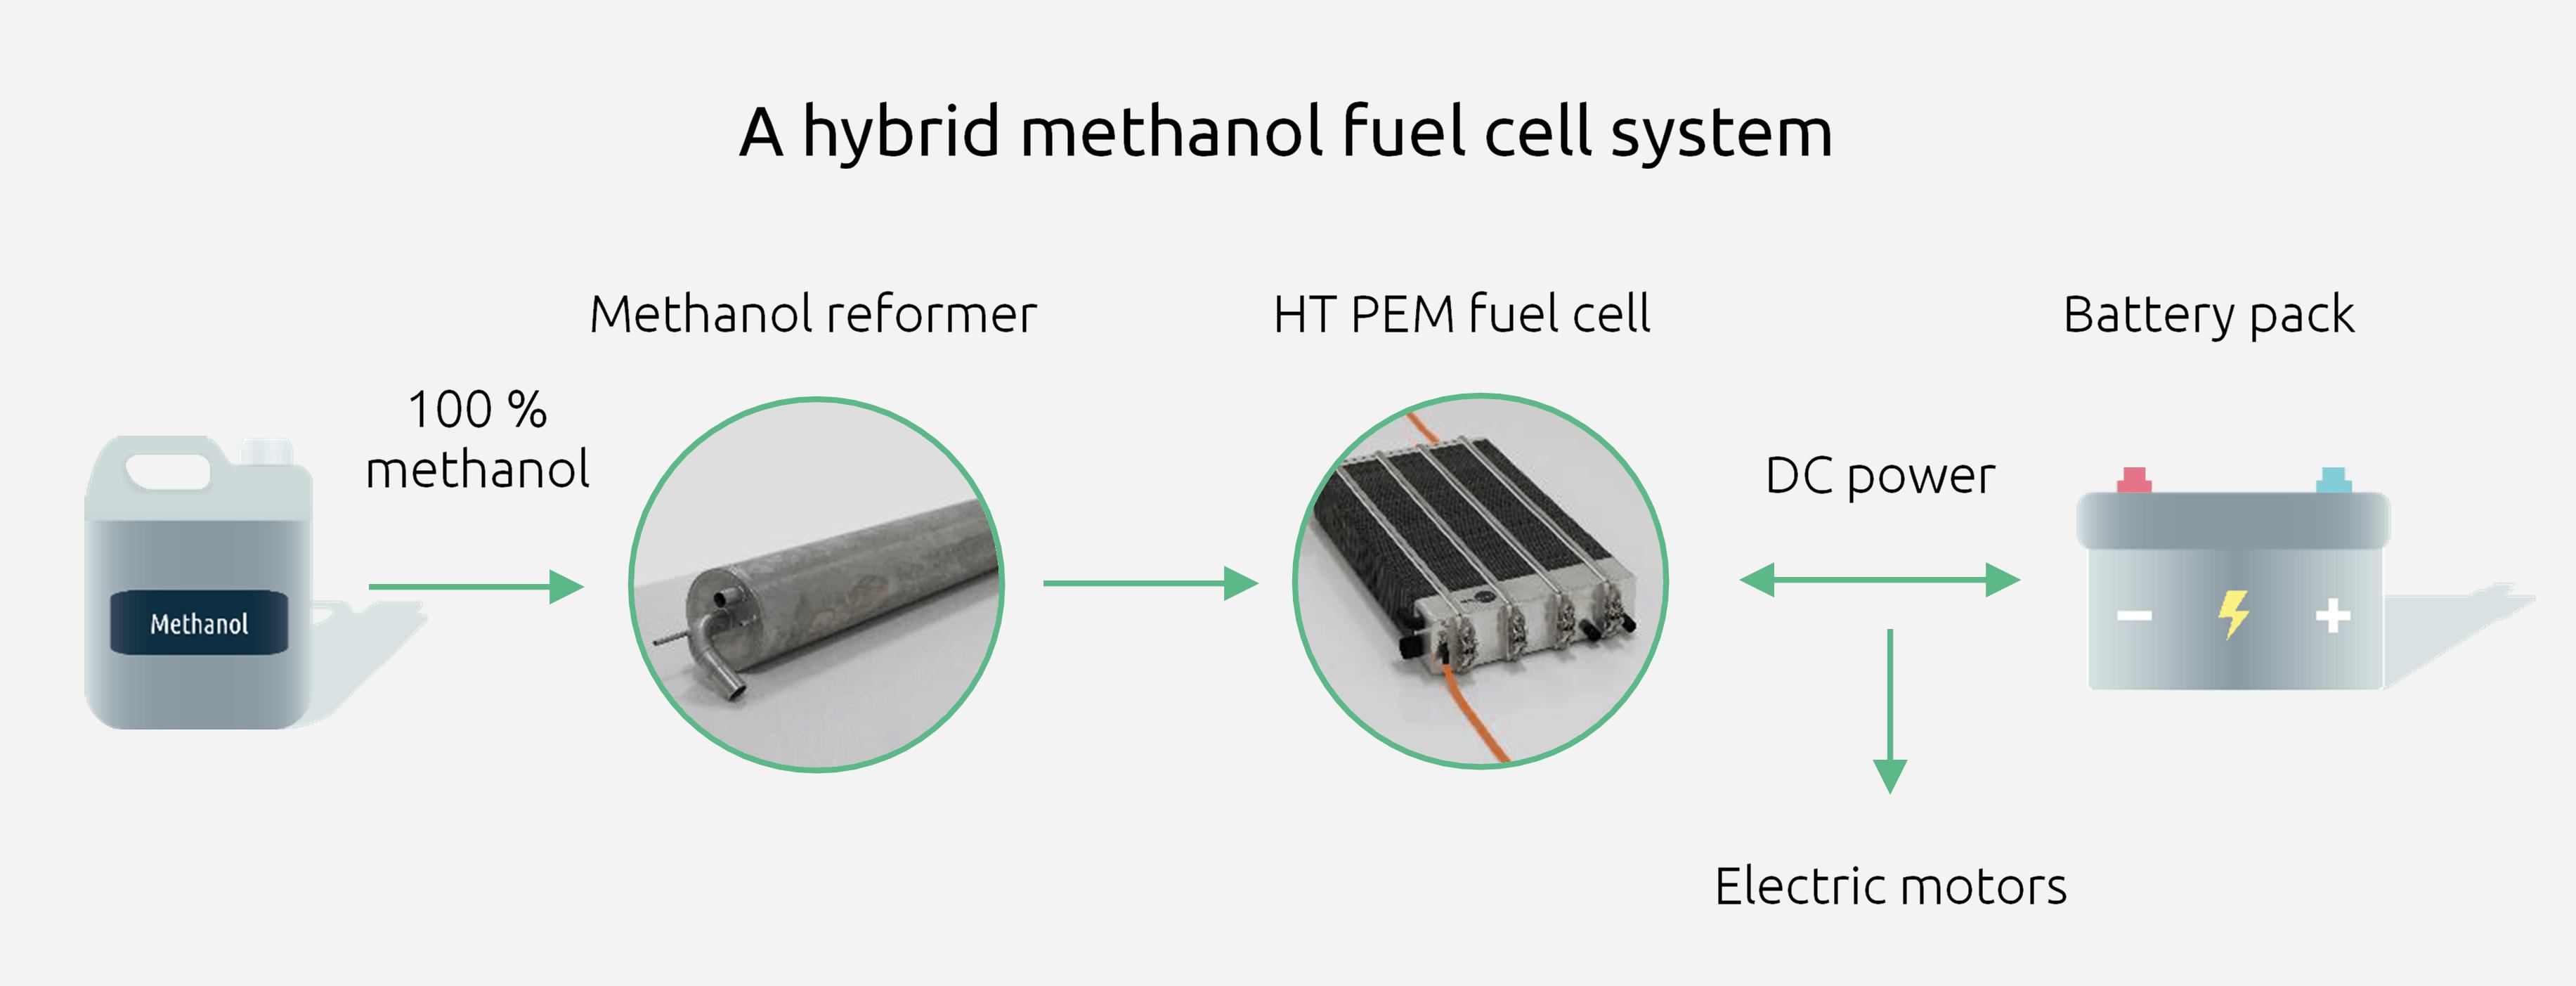 A hybrid methanol fuel cell system illustration